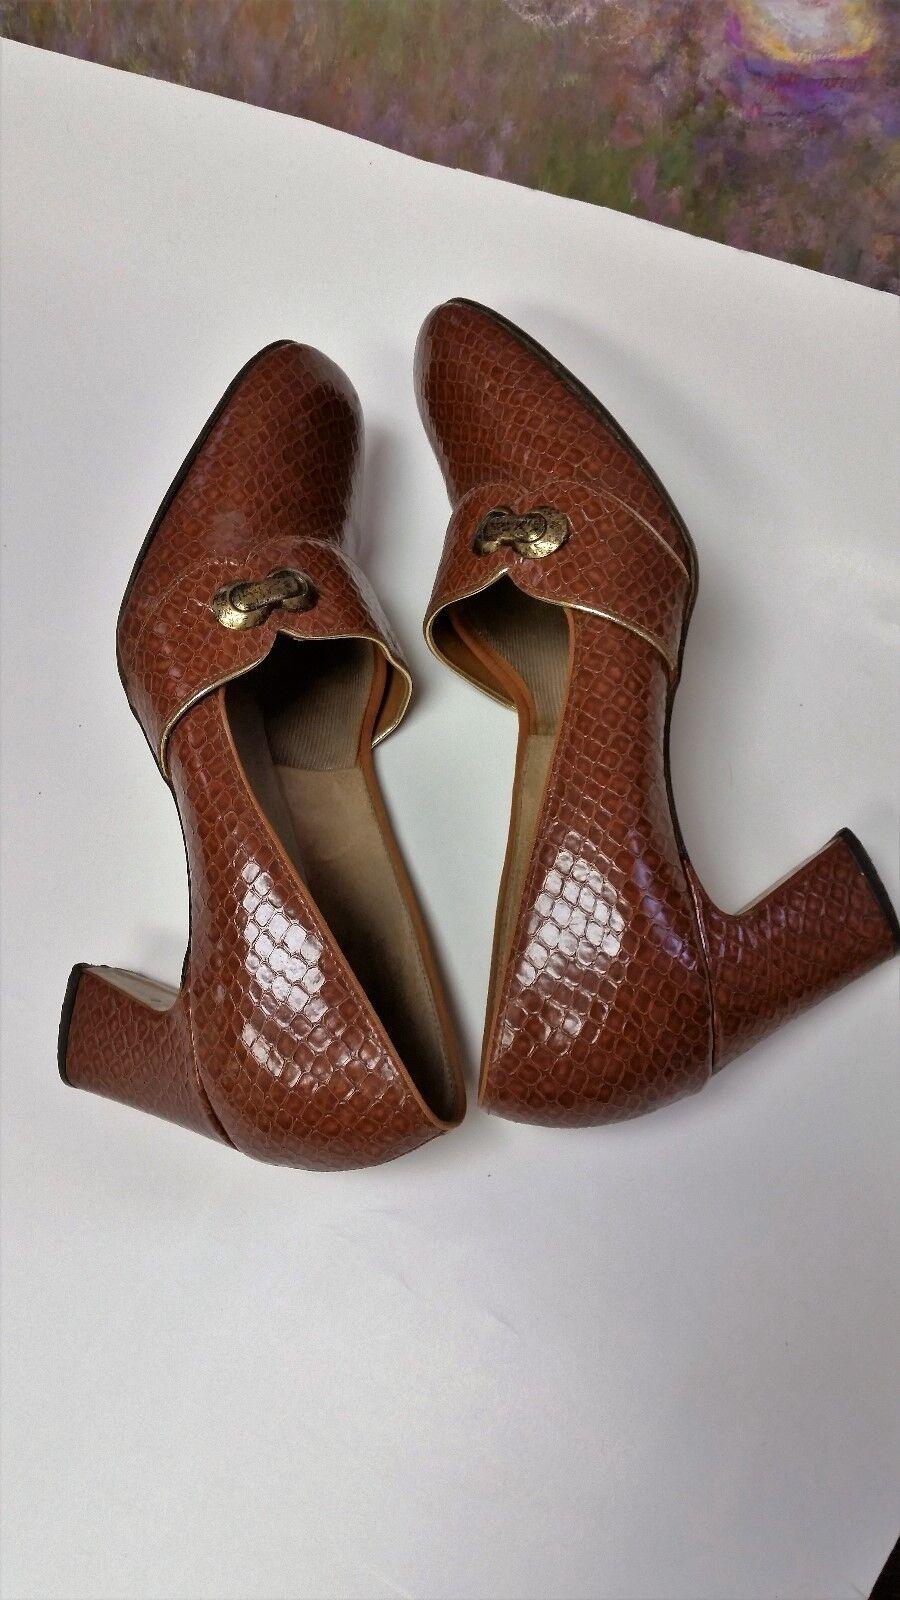 Vintage FANFARES Womens Sz 7.5a Print Brazil Brown Leather Snake Print 7.5a Shoes 2.5